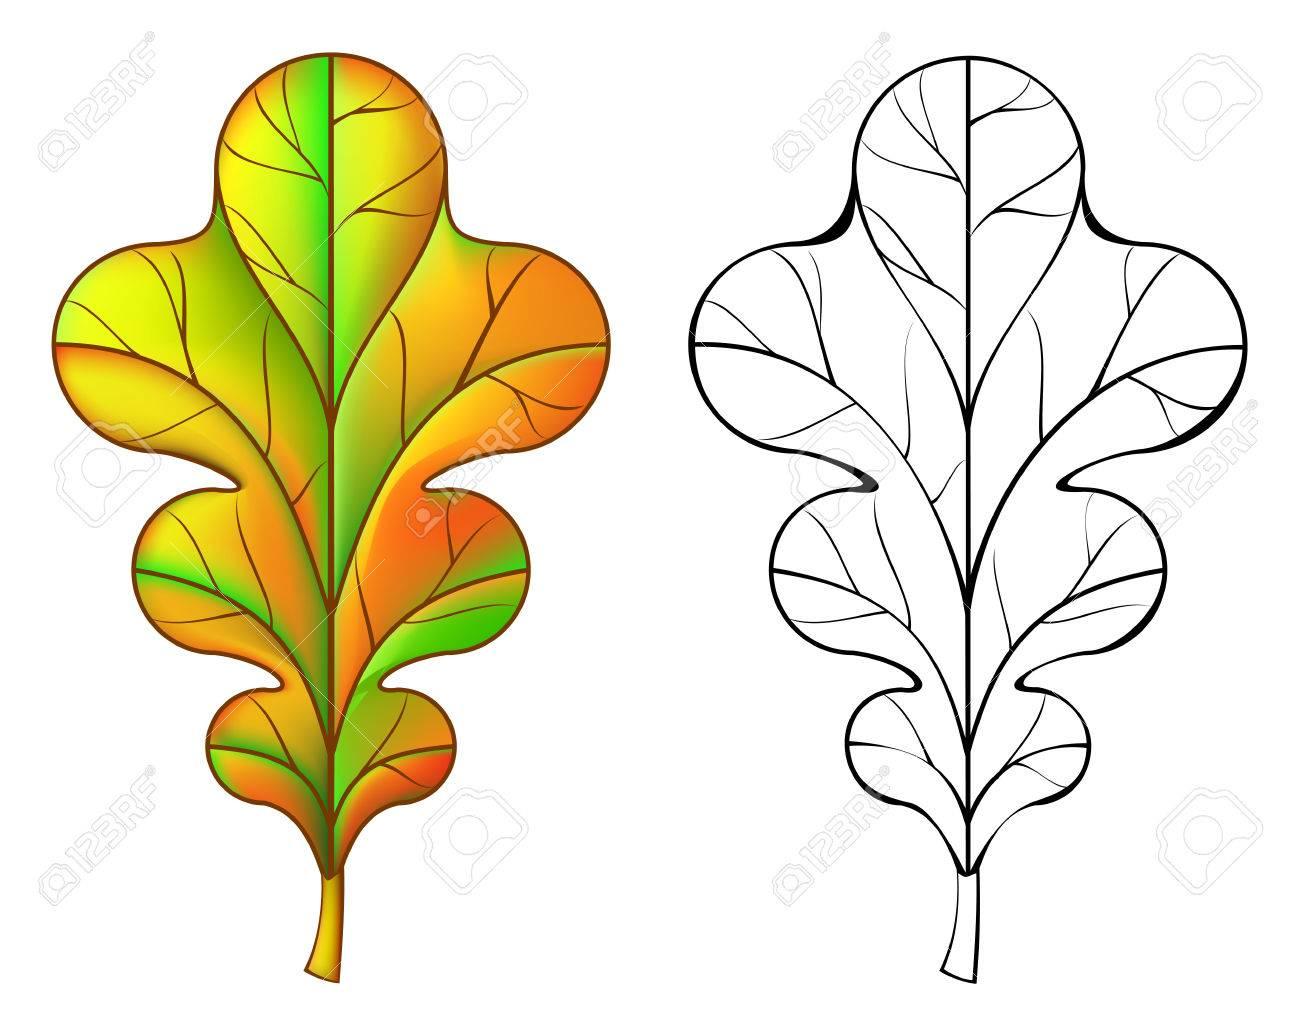 Ausmalbilder Herbst Ausmalbild Eichenblatt